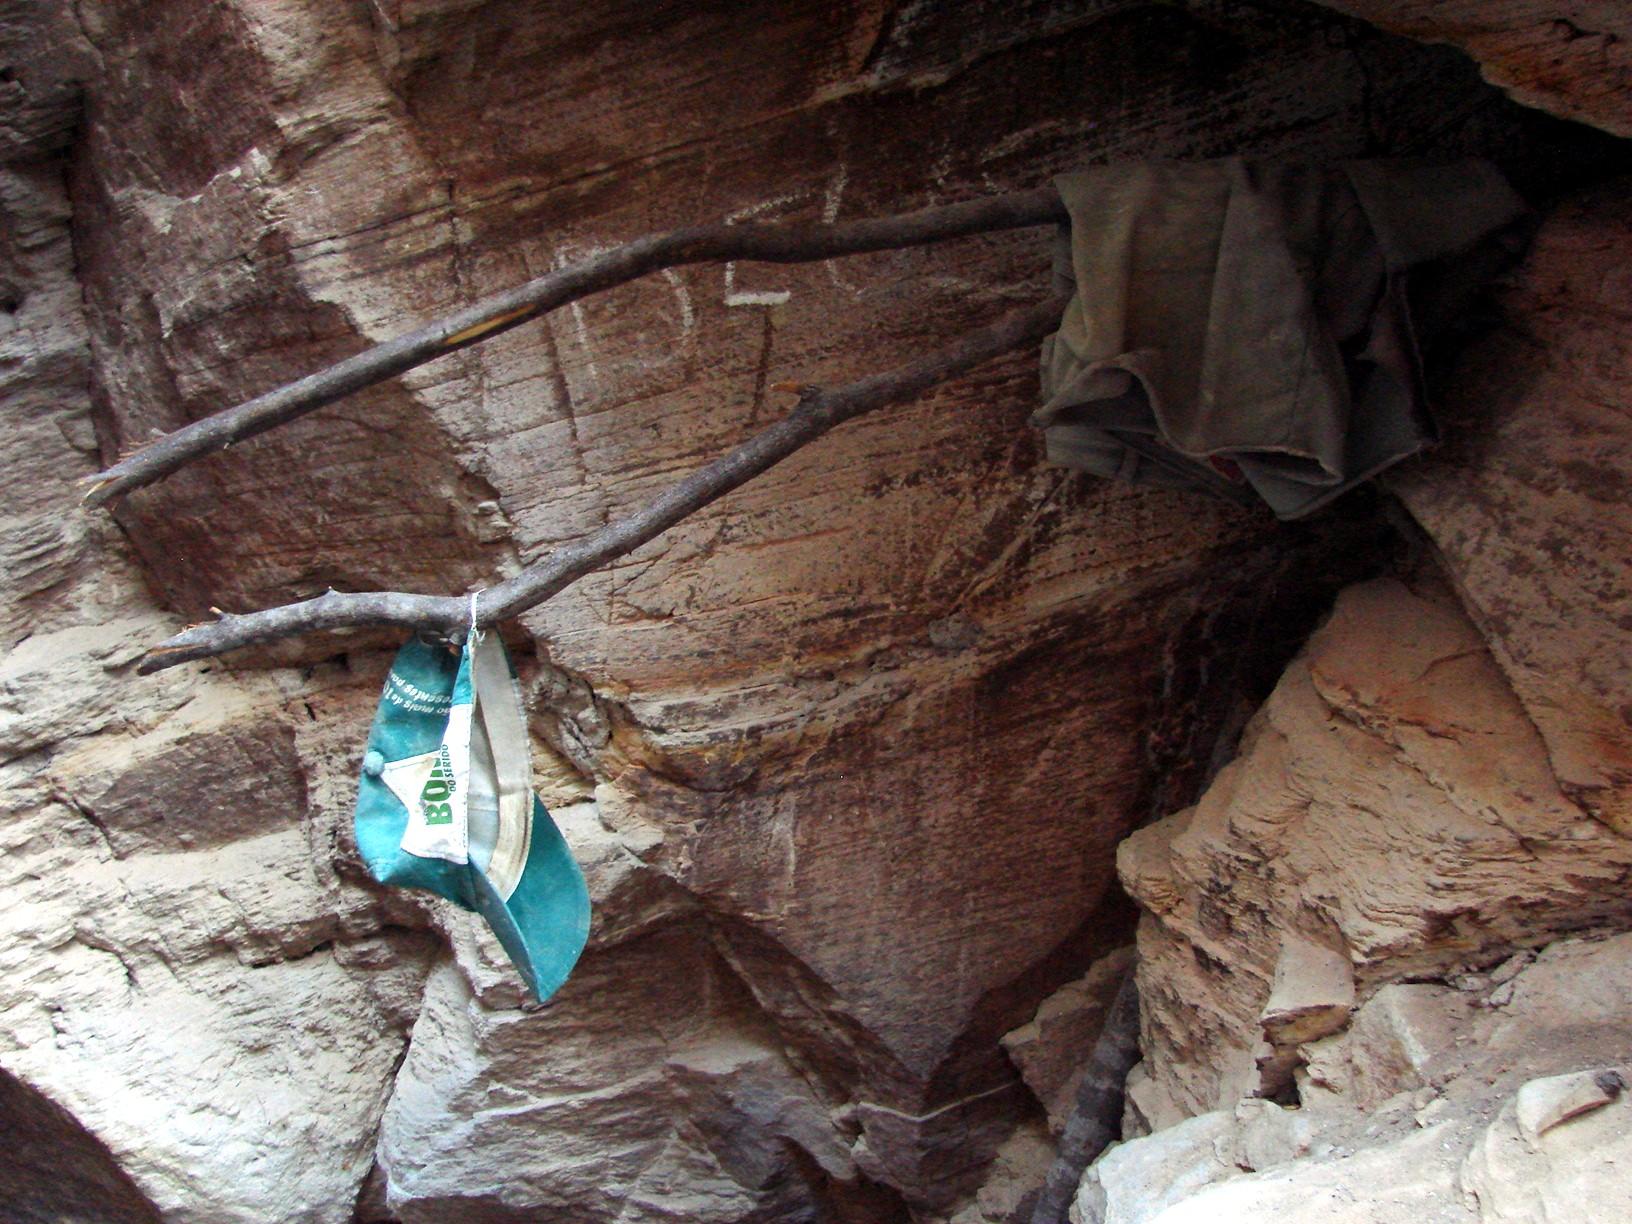 Pertences de trabalhadores são deixadas na entrada de uma mina (Fotos: MPT / Divulgação)